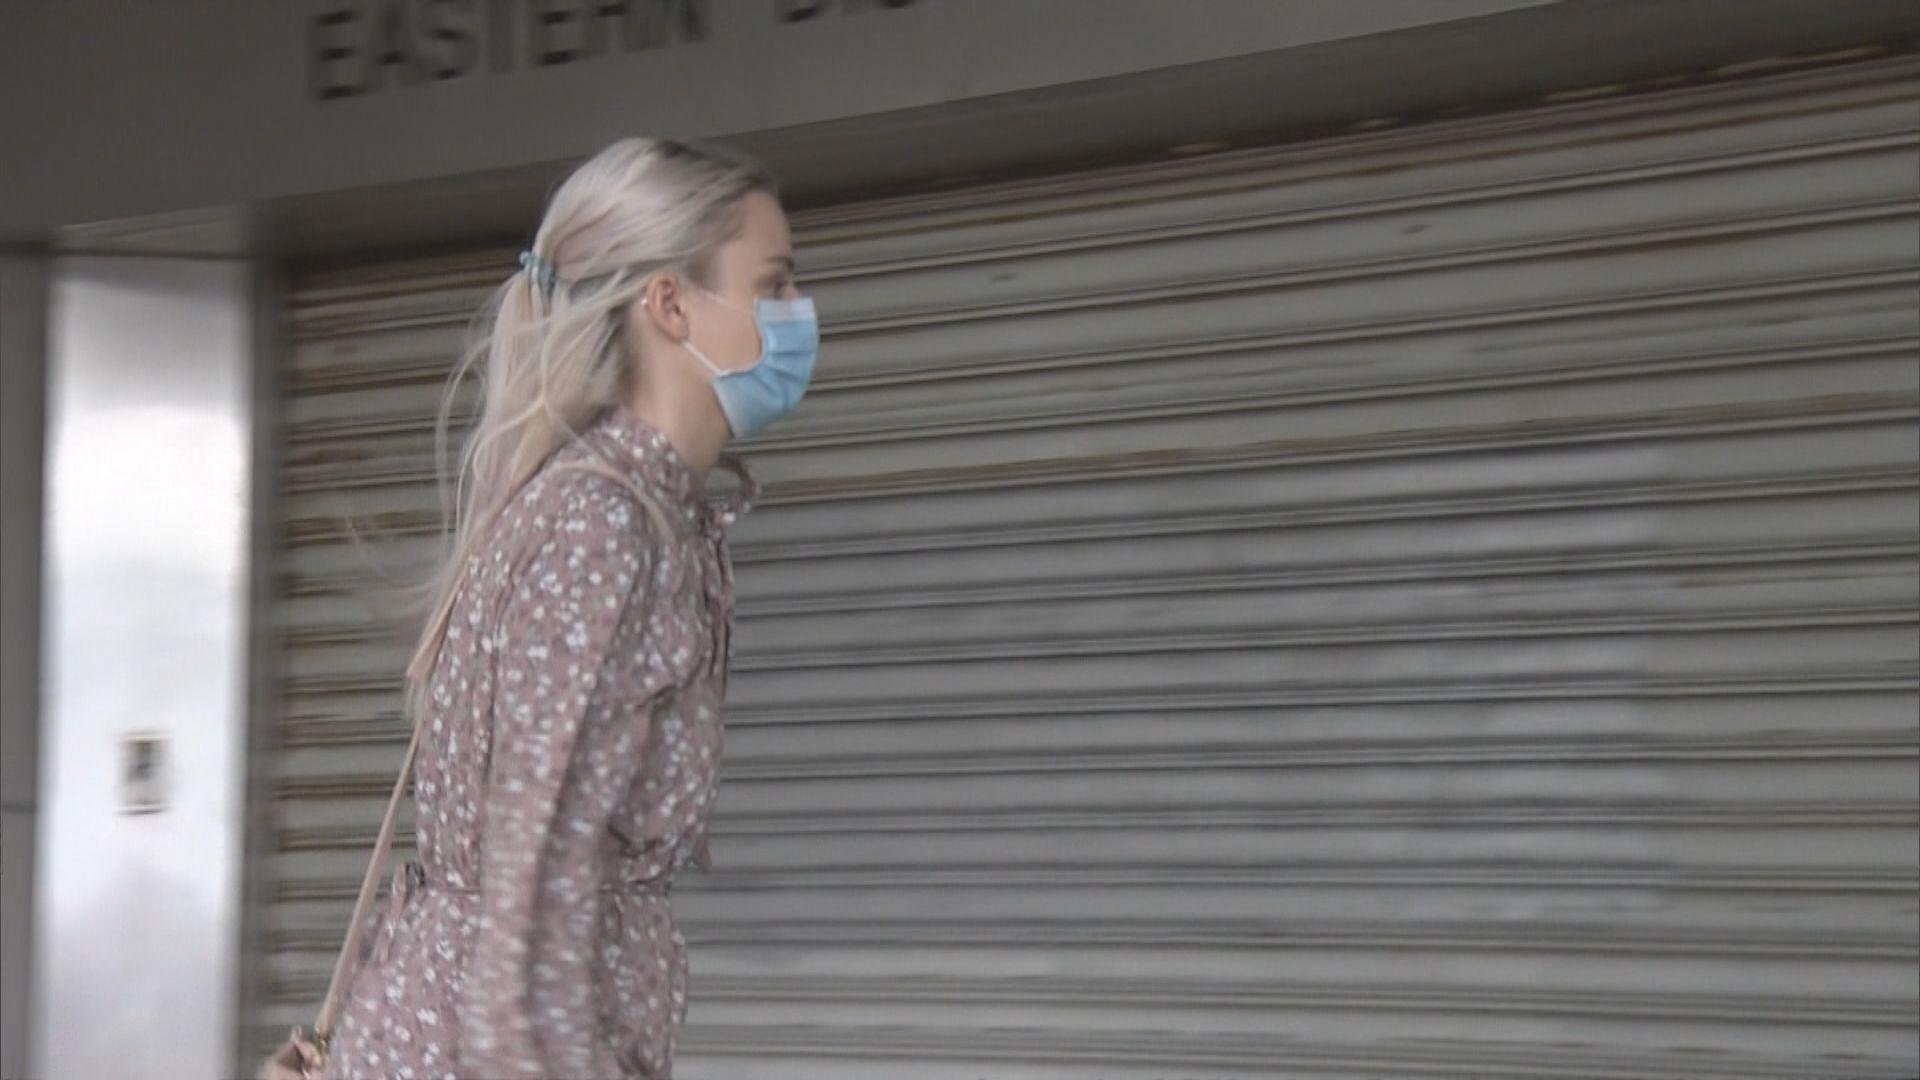 澳籍女子在天橋上擲磚頭 企圖襲警罪成監禁3個月